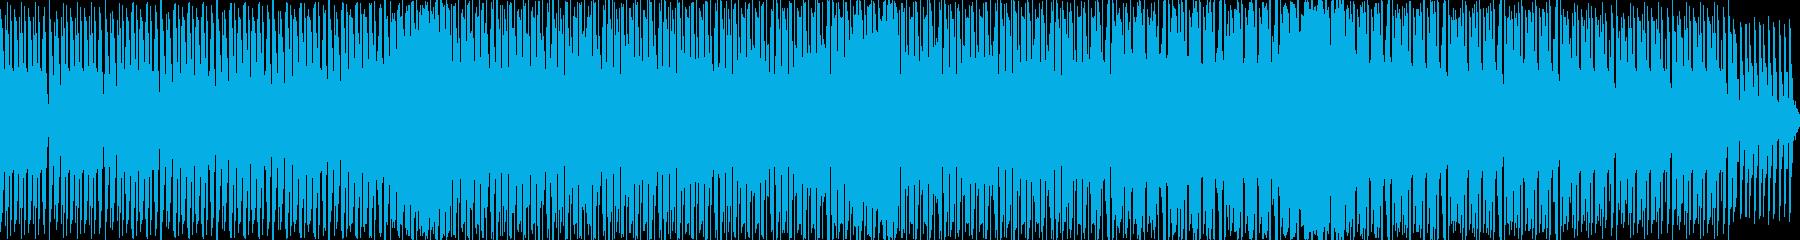 シンセドラムとシンセサイザーのループの再生済みの波形